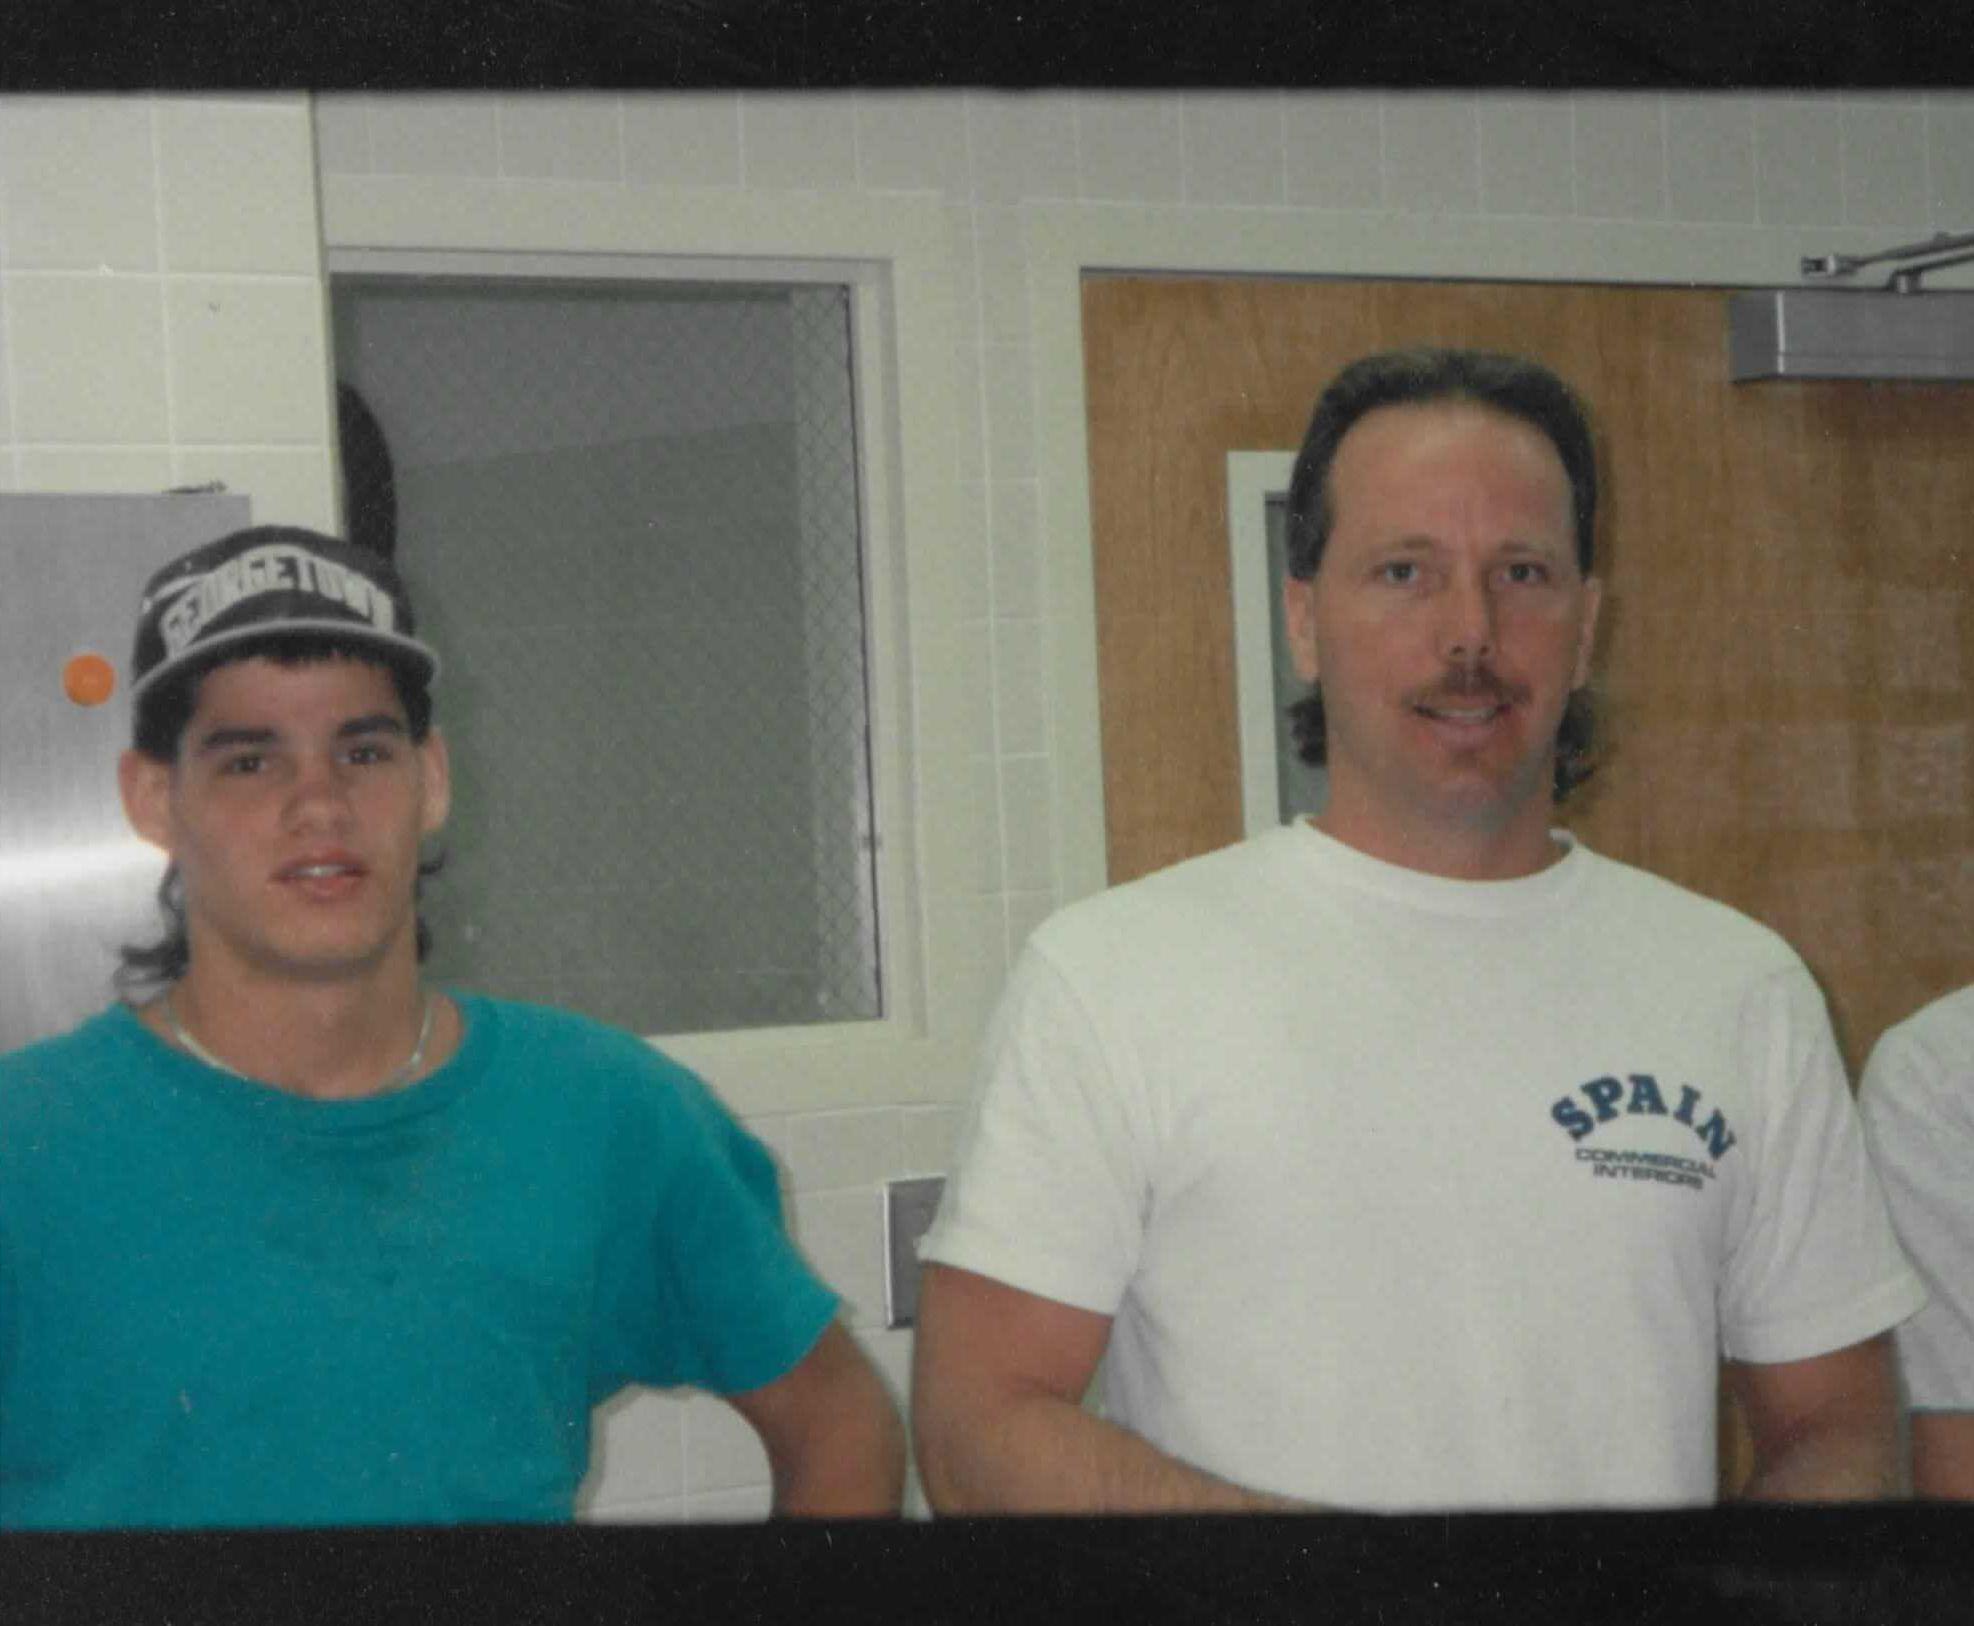 Steve Snell and Steve Spain